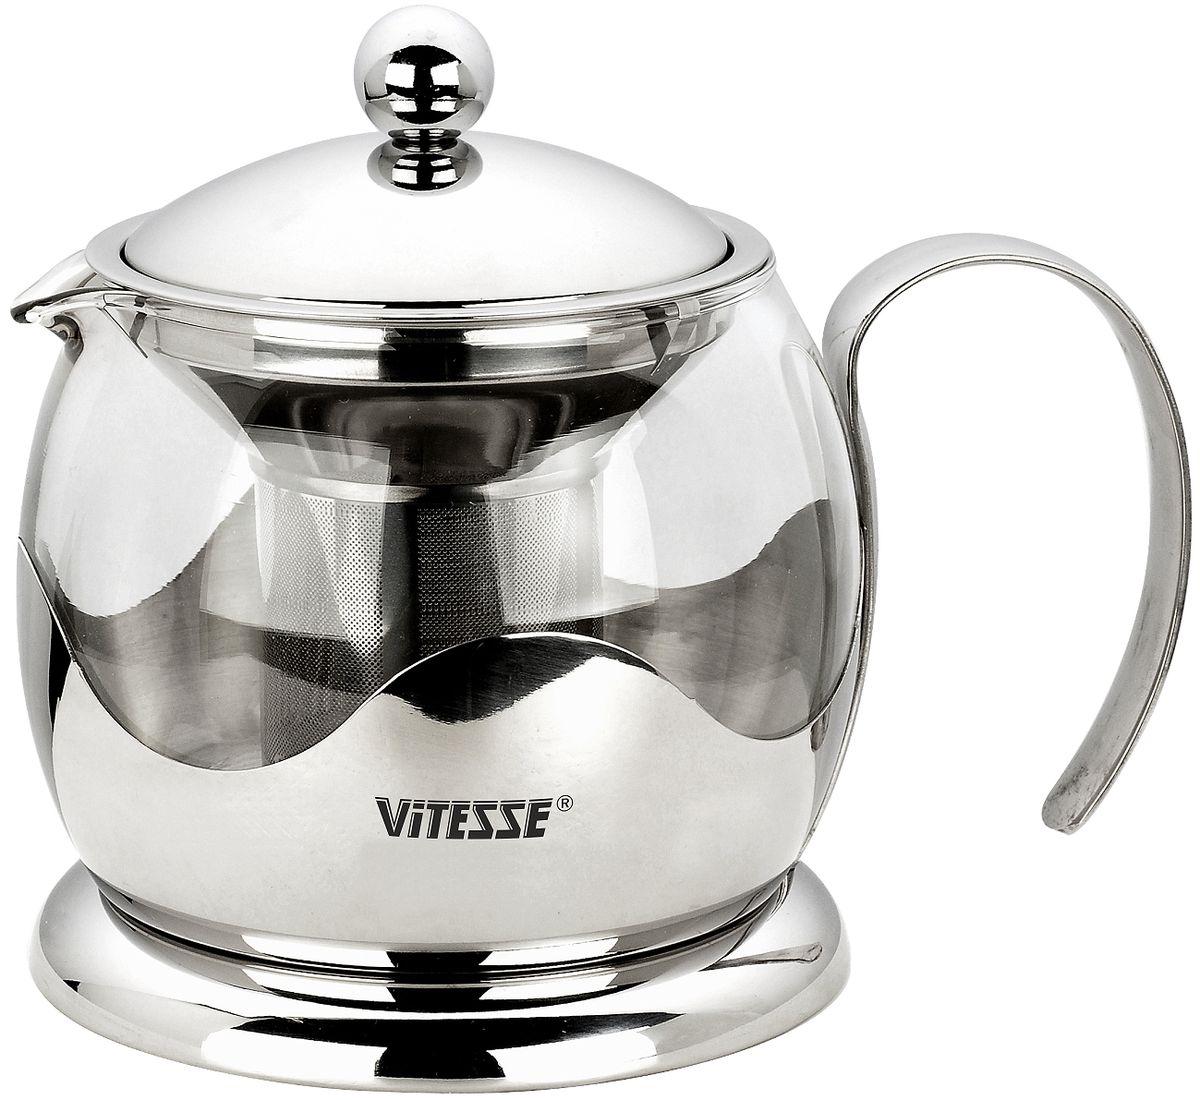 Чайник заварочный Vitesse Aniya, с фильтром, 800 мл391602Заварочный чайник Vitesse Aniya, выполненный из высококачественной нержавеющей стали и термостойкого стекла, предоставит вам все необходимые возможности для успешного заваривания чая. Чай в таком чайнике дольше остается горячим, а полезные и ароматические вещества полностью сохраняются в напитке. Чайник имеет вынимающийся фильтр из нержавеющей стали, что делает его чрезвычайно удобным в использовании.Эстетичный и функциональный, с эксклюзивным дизайном, чайник будет оригинально смотреться в любом интерьере.Чайник пригоден для мытья в посудомоечной машине.Высота чайника (без учета крышки): 11 см. Диаметр основания чайника: 11,5 см.